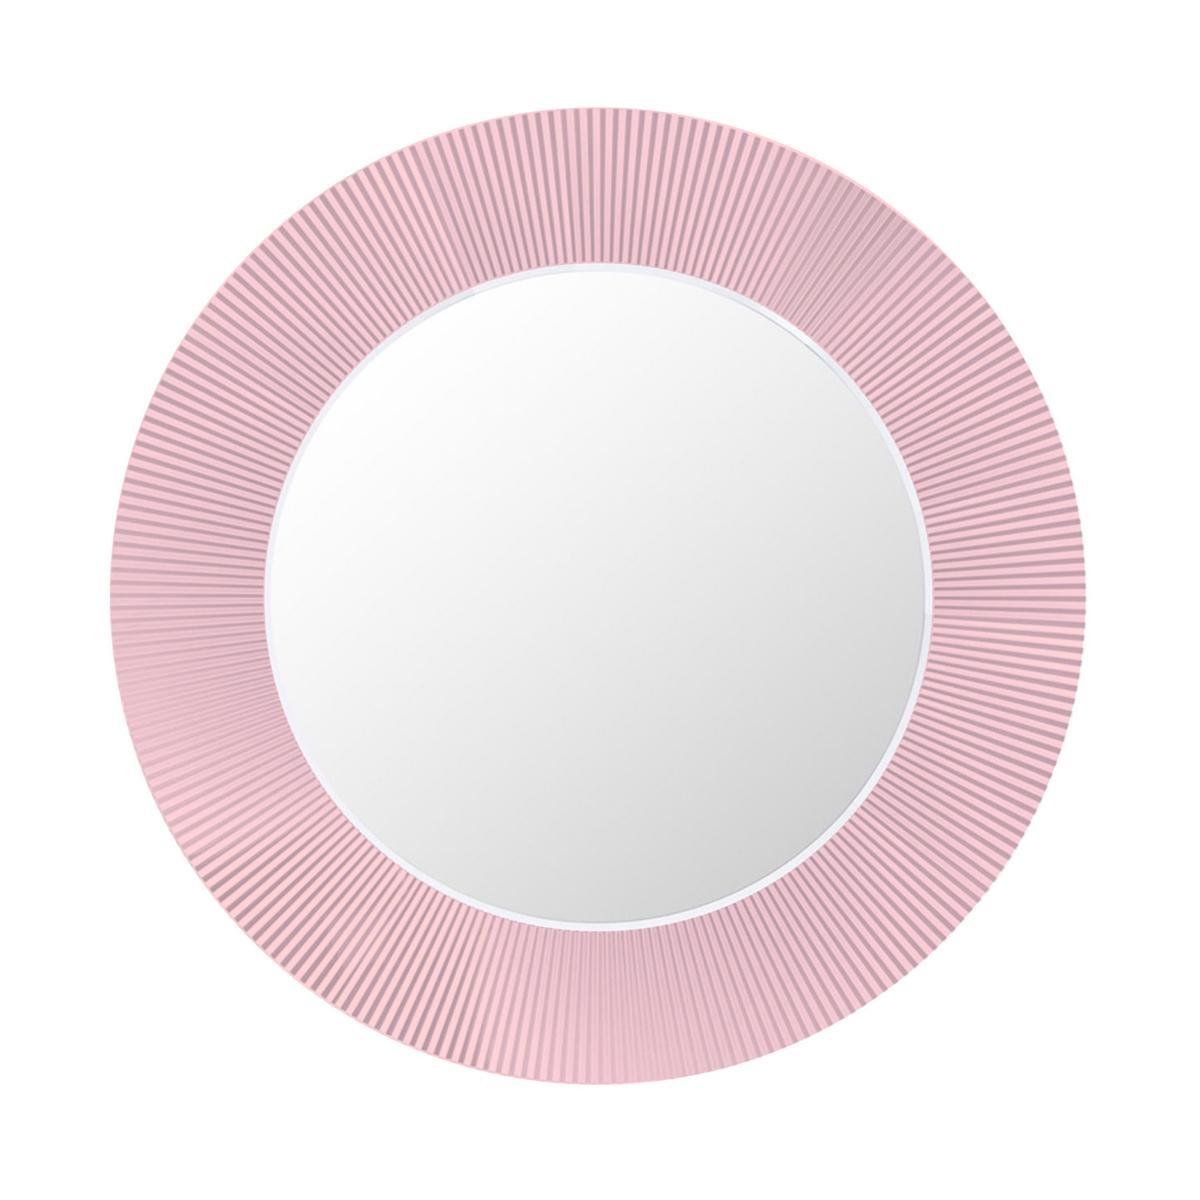 Kartell by Laufen All Saints Spiegel - pink nude/transparent/Ø78cm | Flur & Diele > Spiegel > Wandspiegel | Pink nude | Acrylglas | Kartell